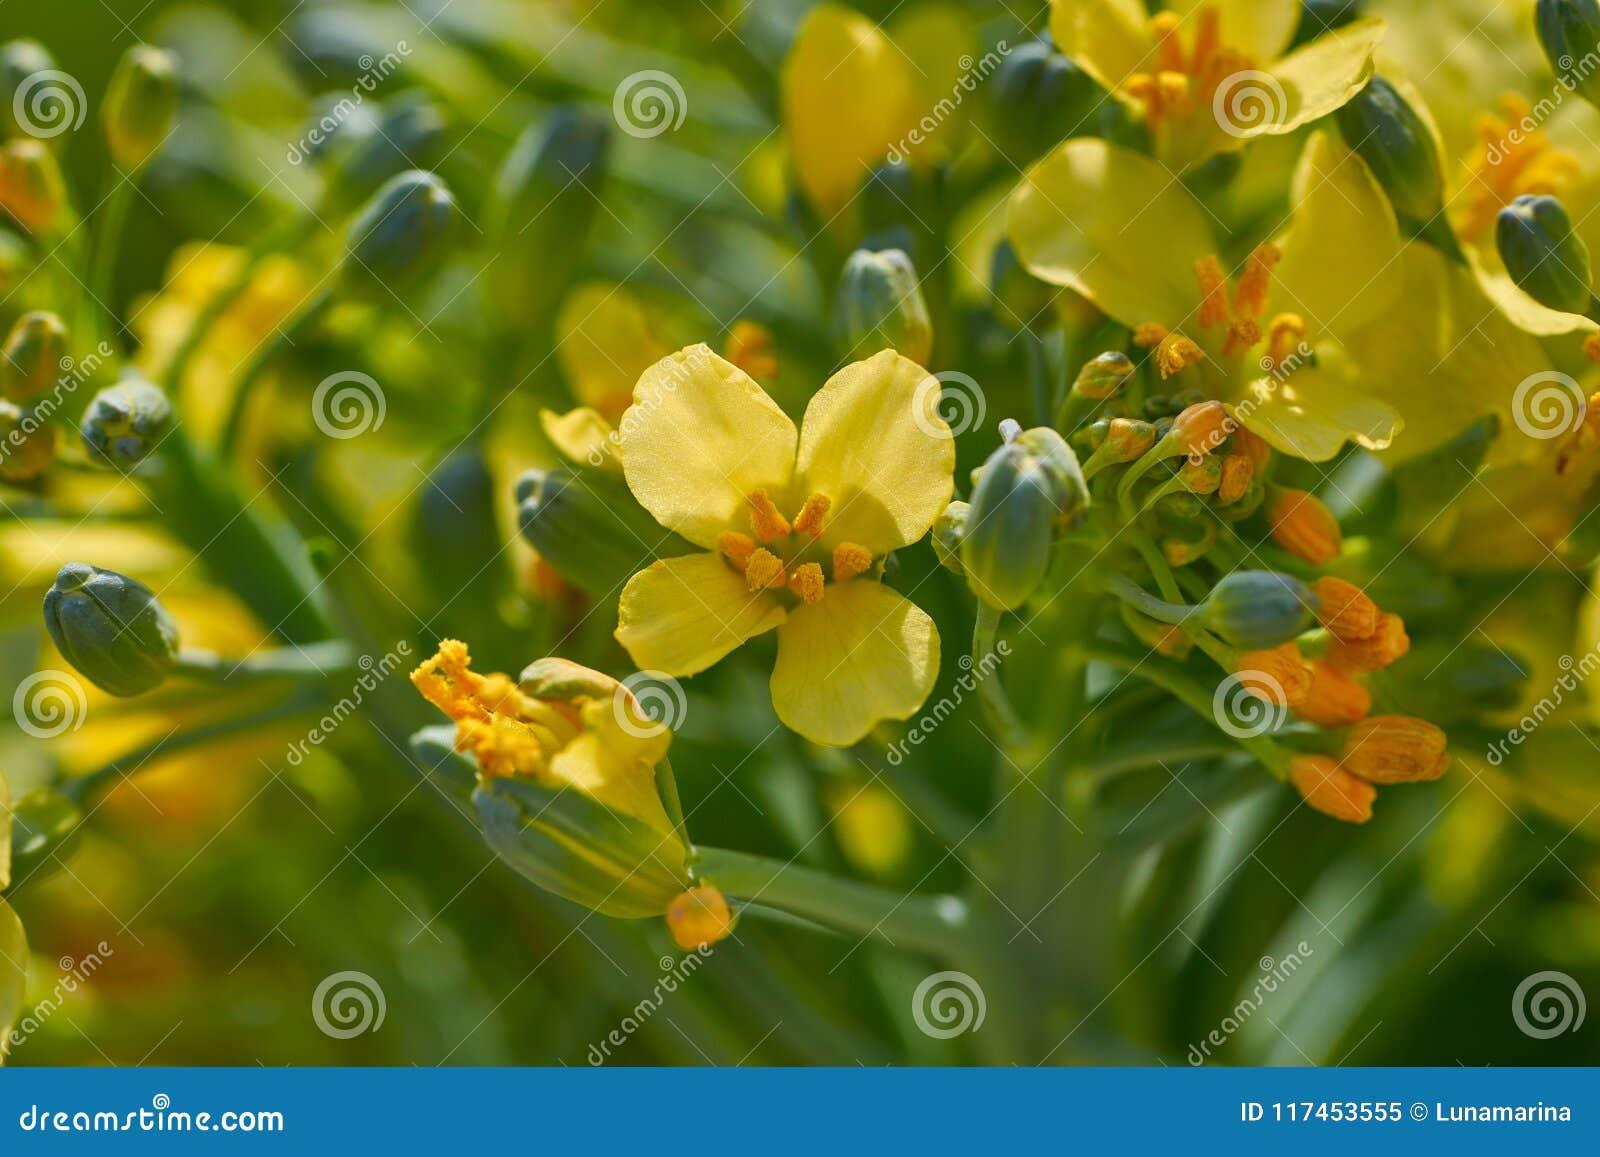 Broccoli yellow flowers macro detail stock image image of fresh broccoli yellow flowers macro detail mightylinksfo